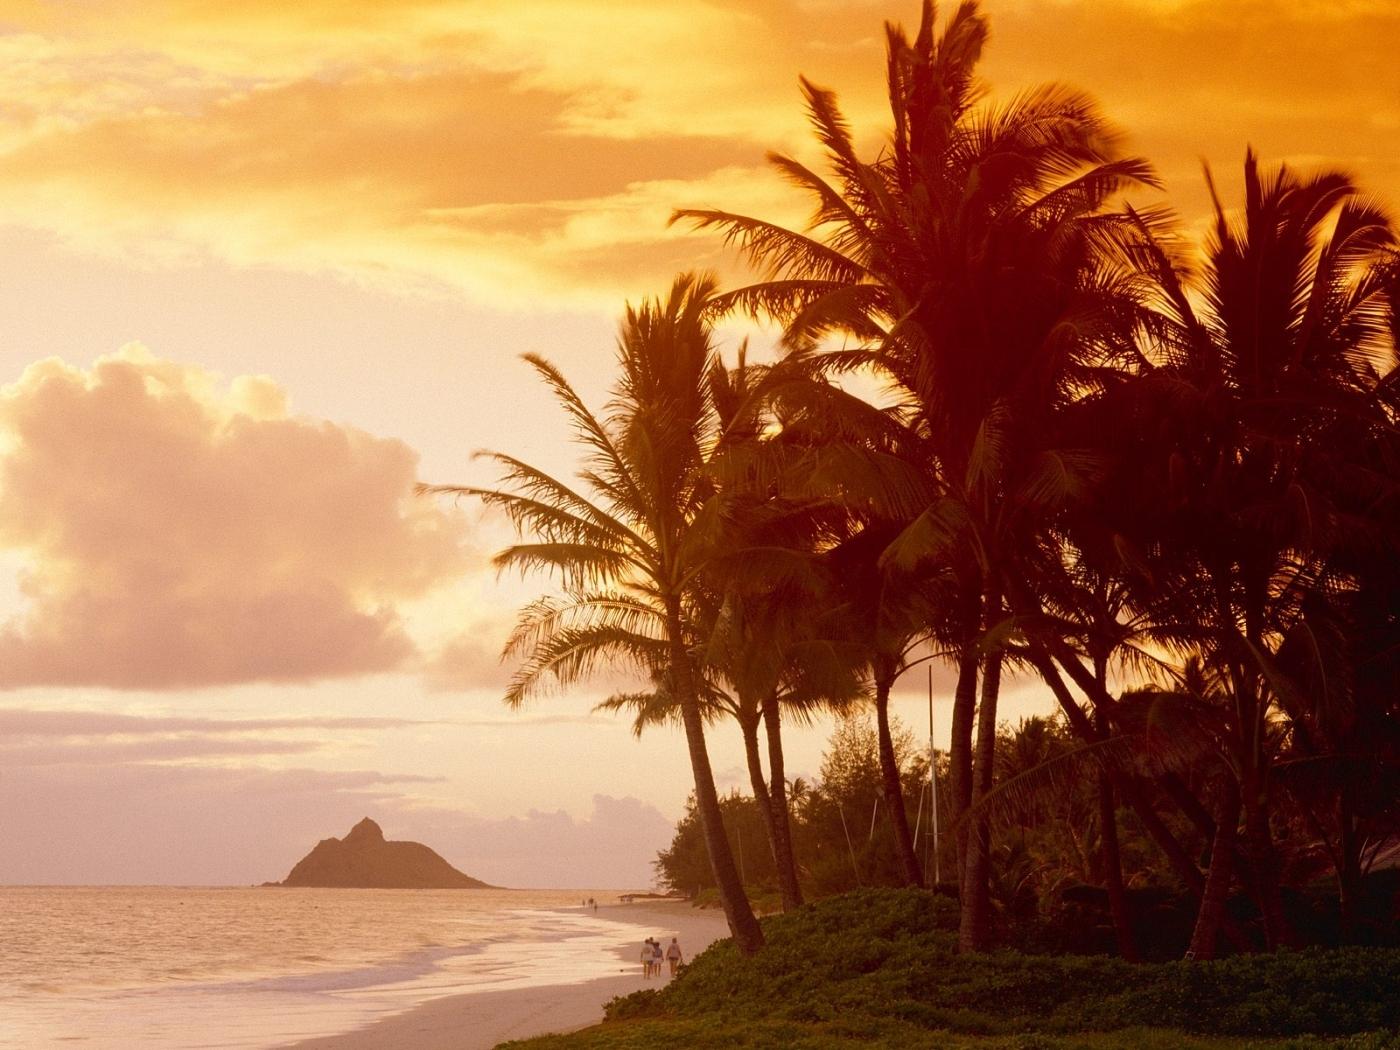 50299壁紙のダウンロード風景, 自然, ビーチ, パームス, オレンジ-スクリーンセーバーと写真を無料で